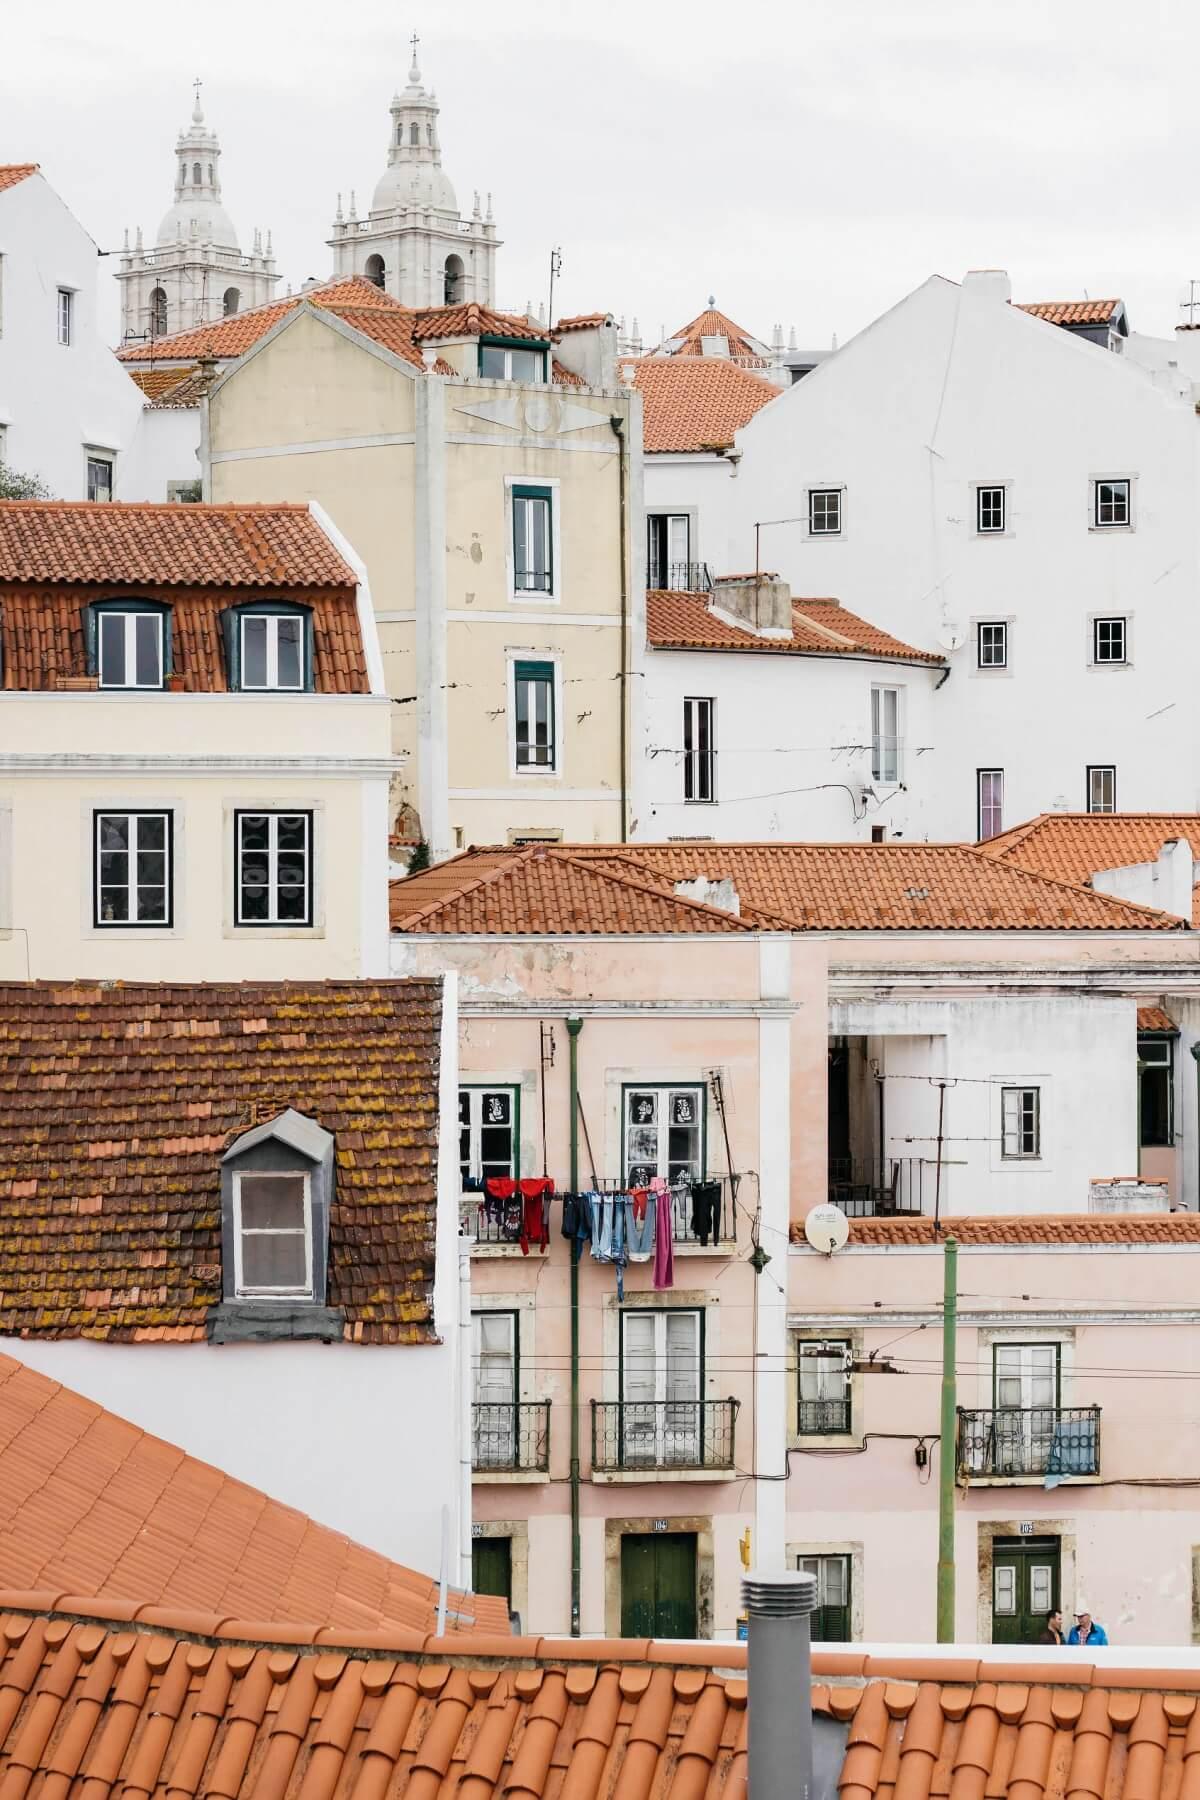 Fotografie – Stedentrip naar Lissabon